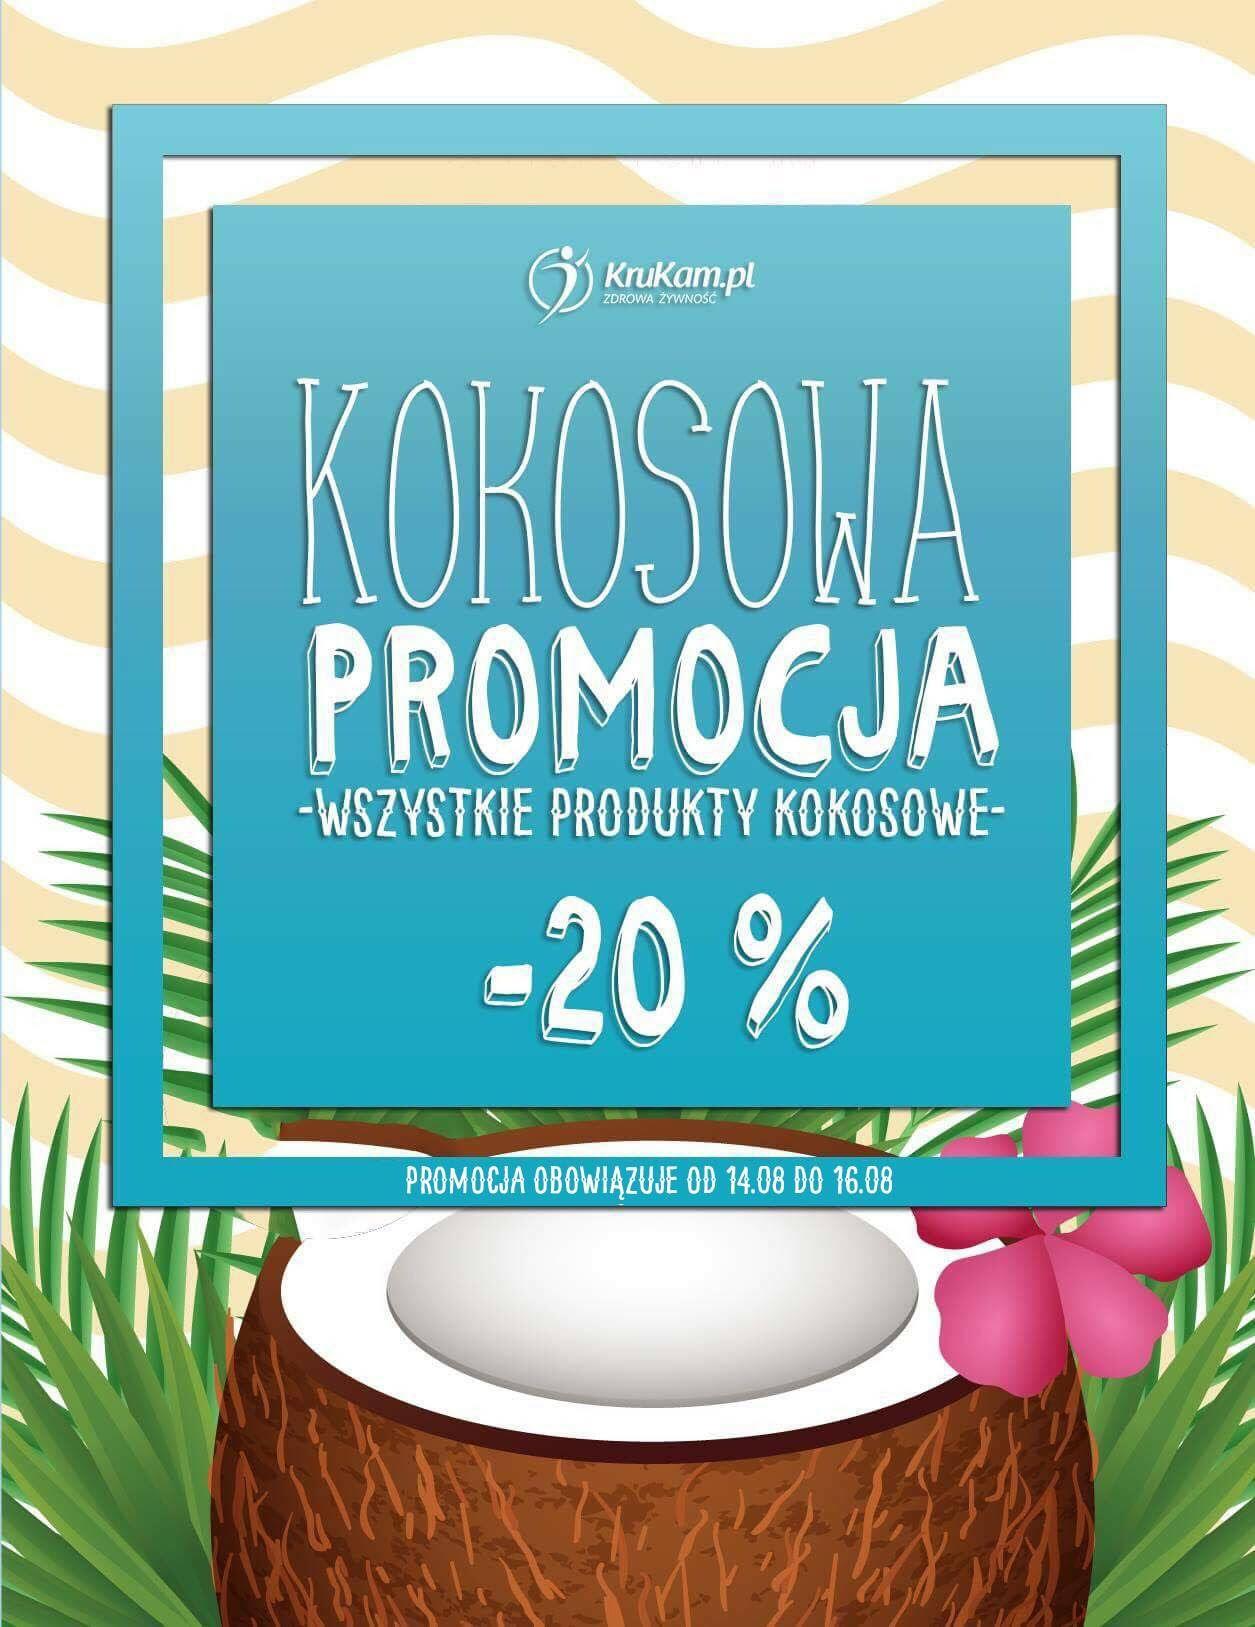 Krukam kokosowa promocja -20% wszystkie produkty kokosowe